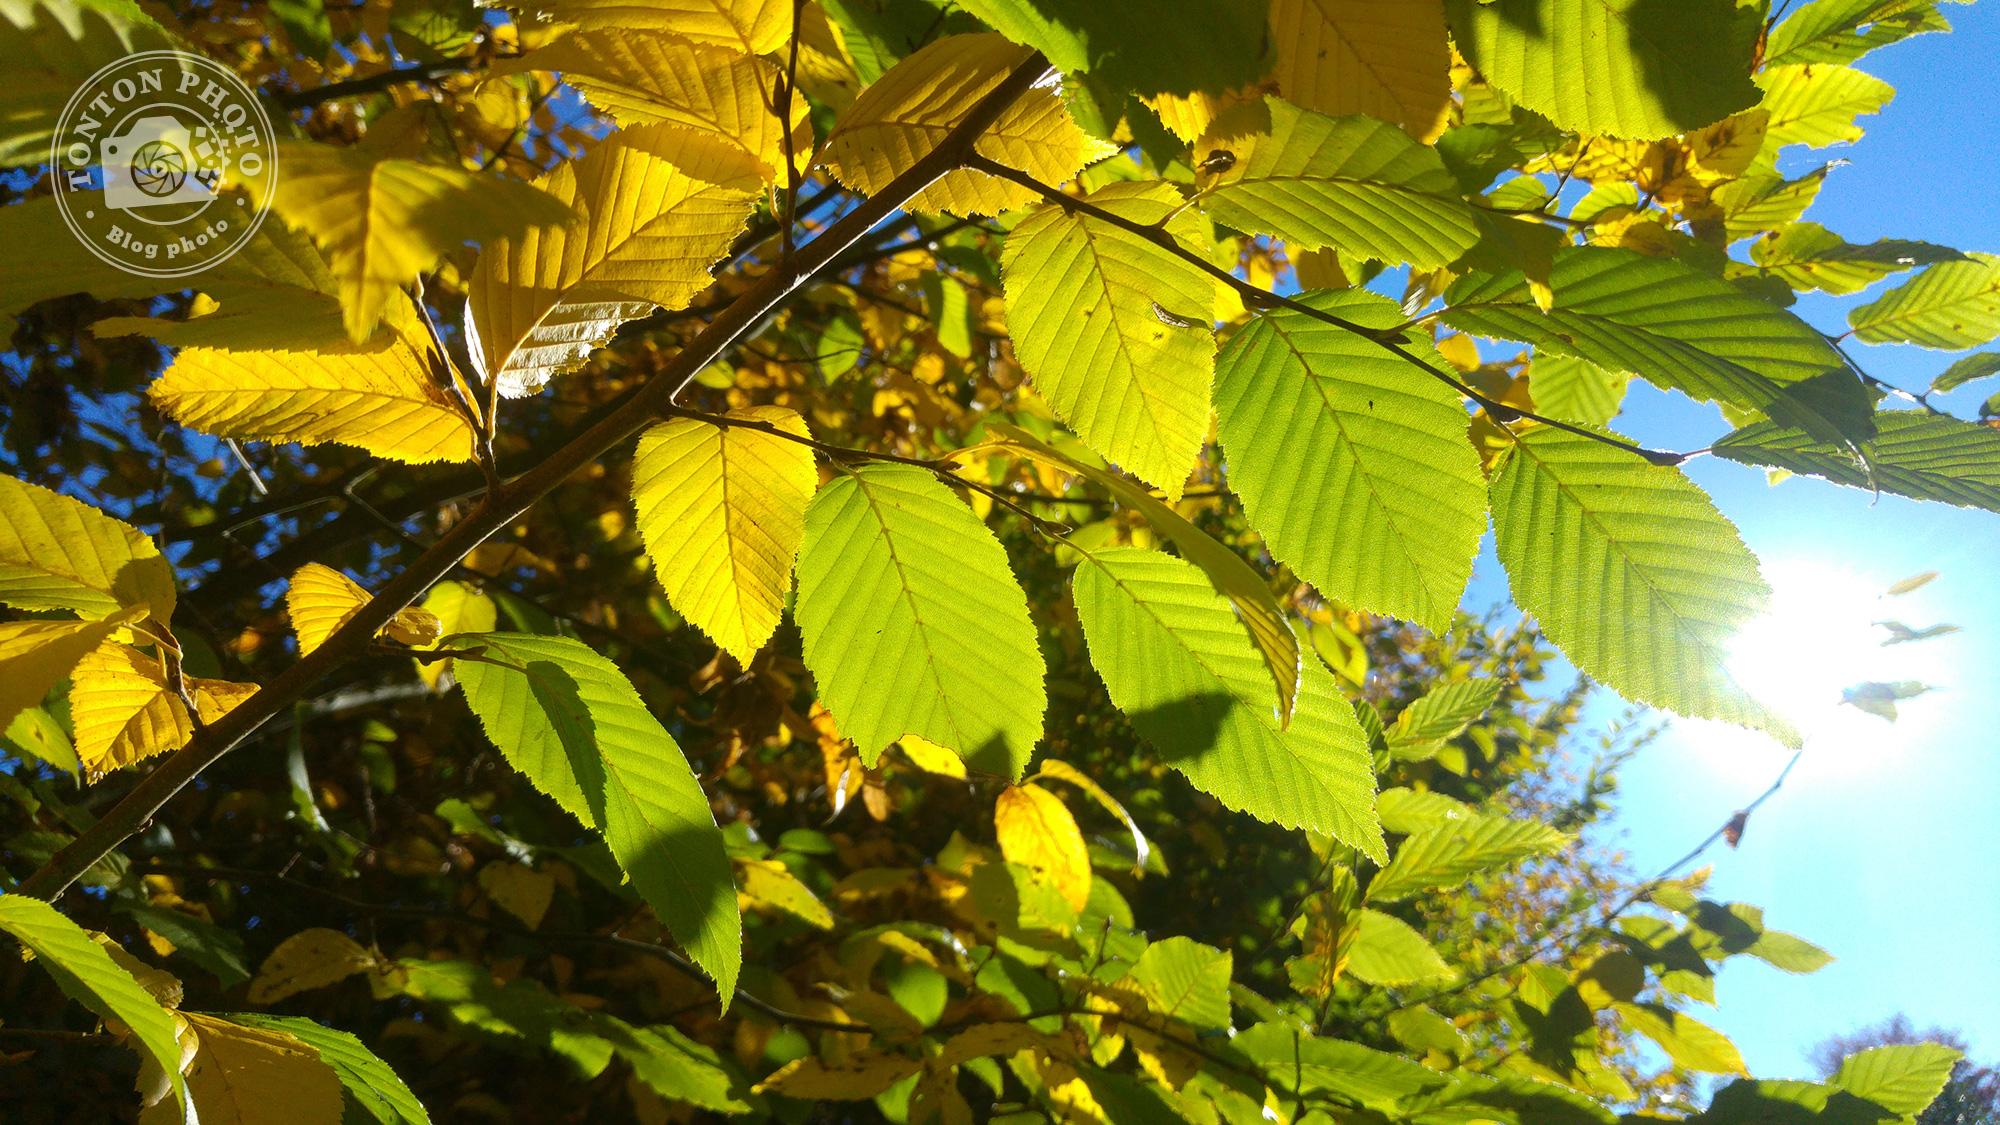 Test du photophone LG G4 : Le soleil de fin de journée rétro-éclaire les feuilles d'automne. F/1.8 - 1/2000 - ISO 100 © Clément Racineux / Tonton Photo